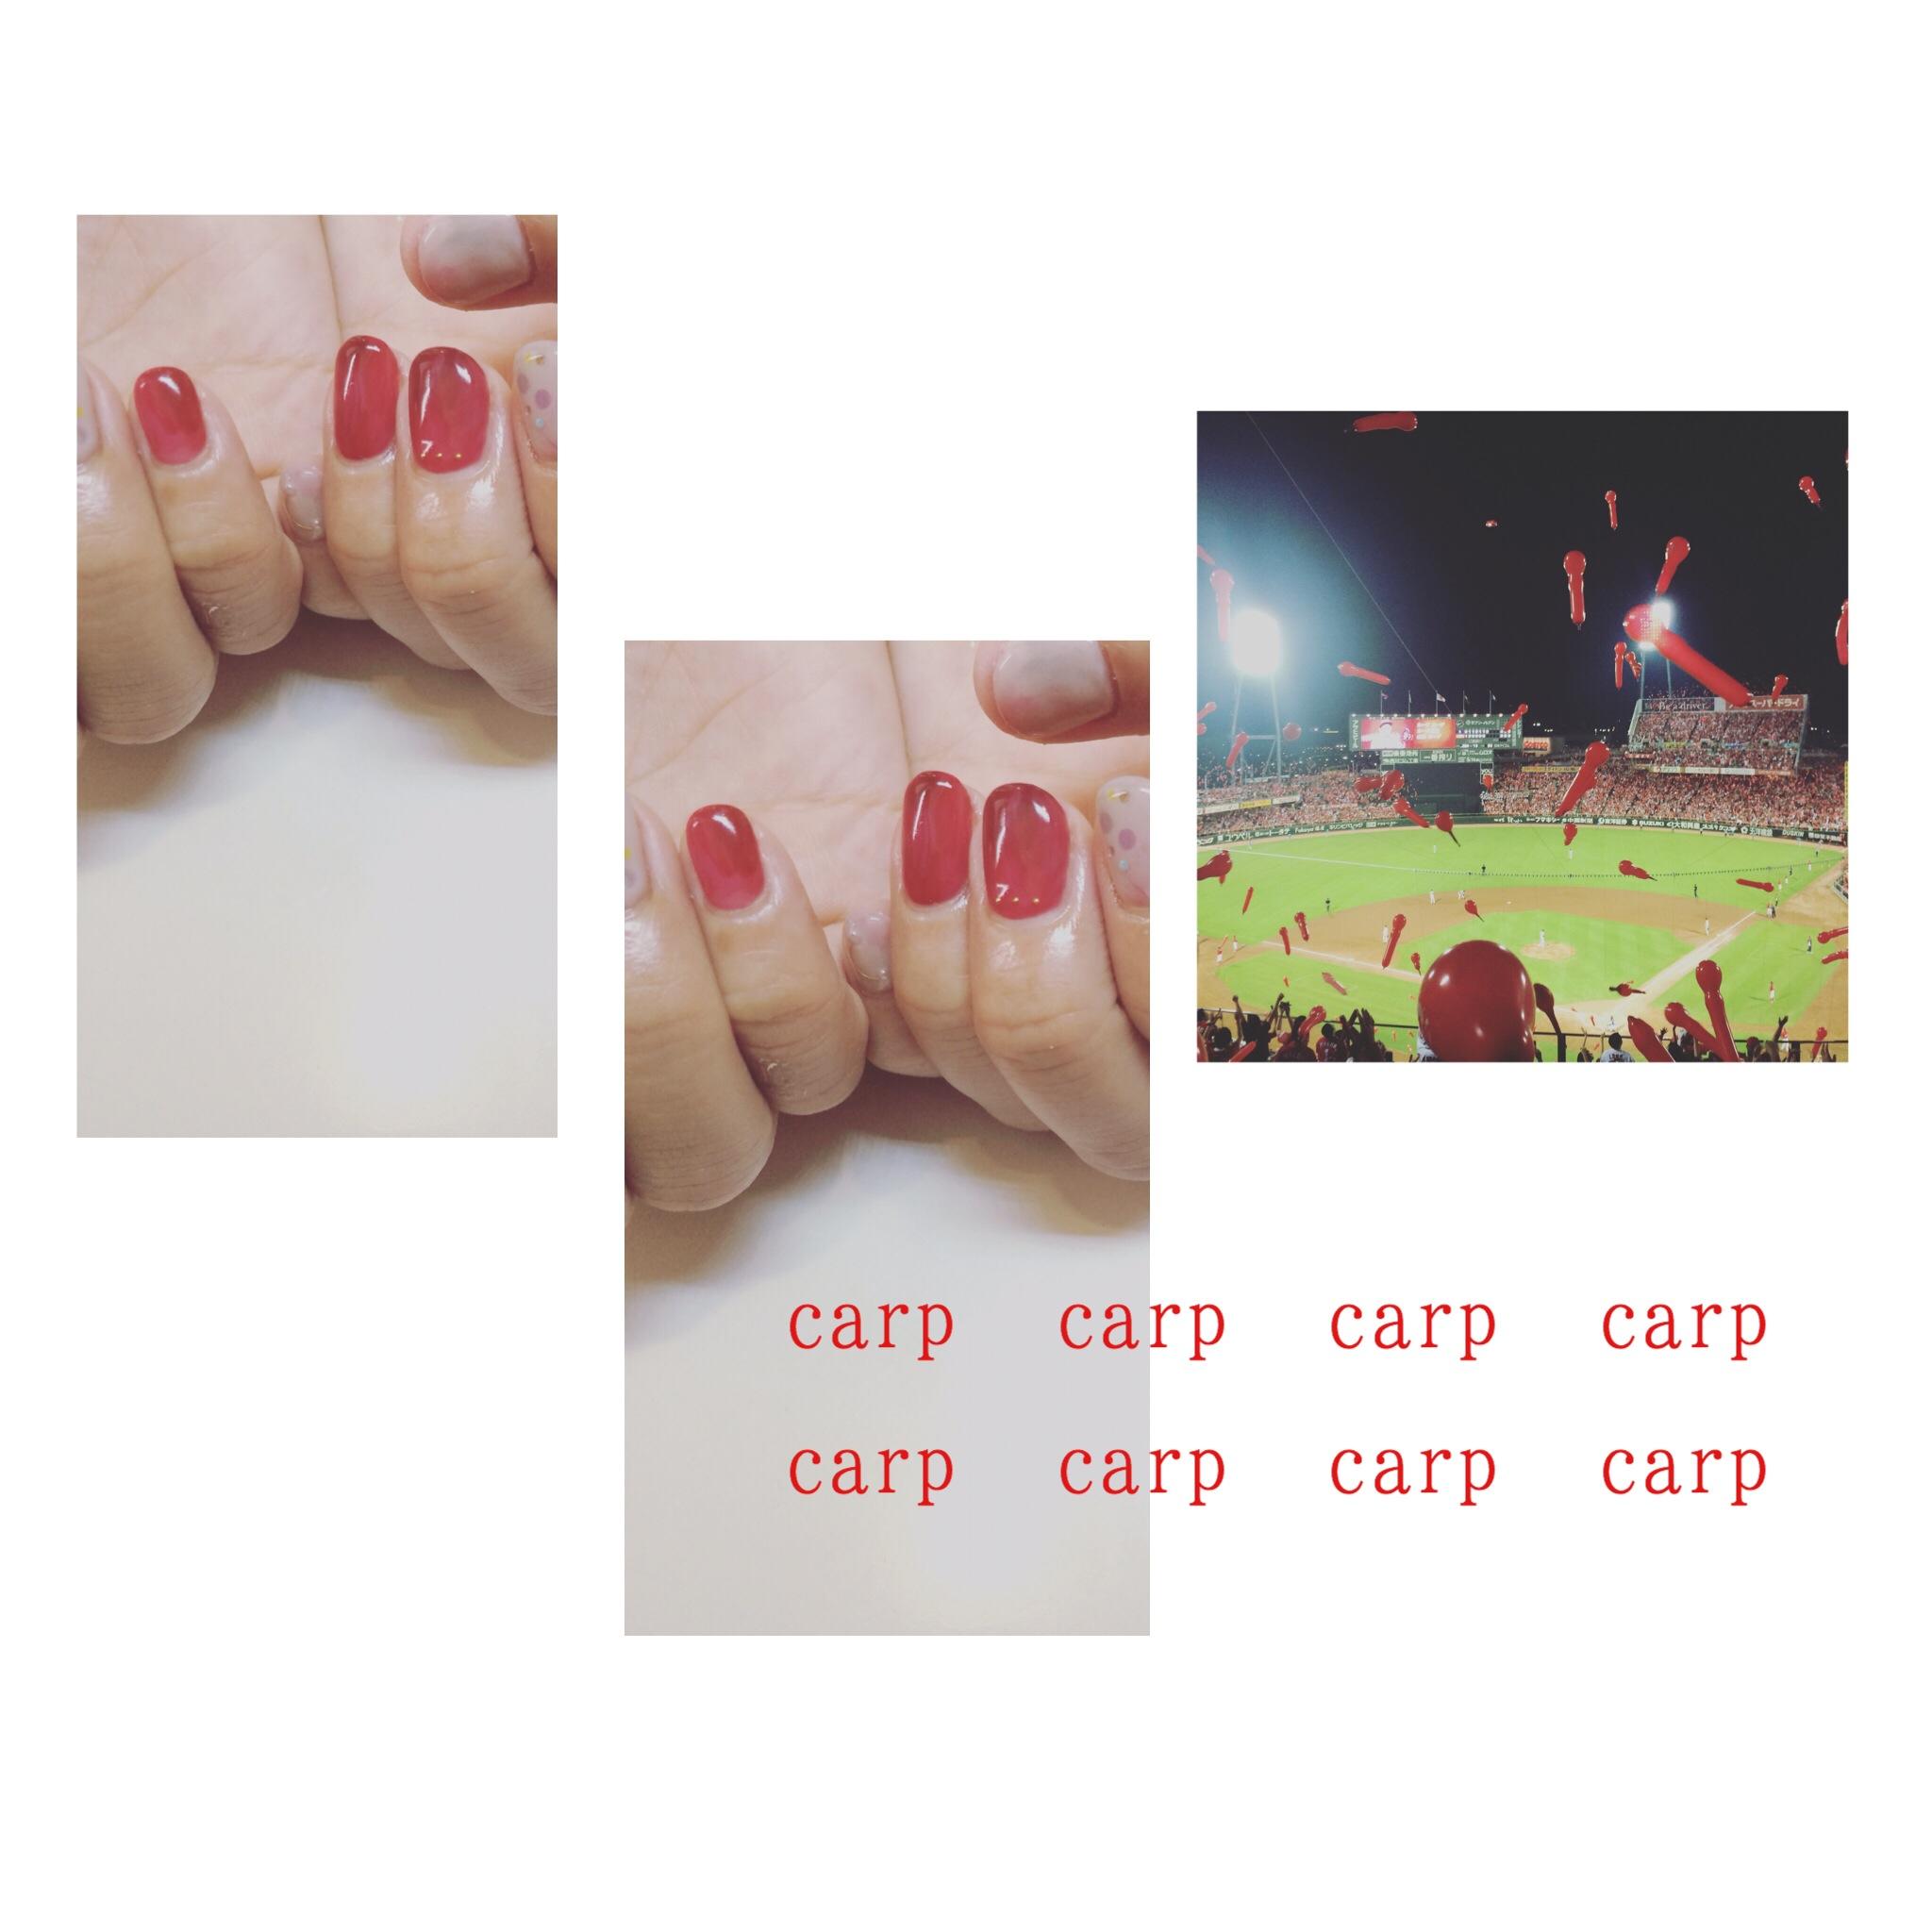 carp!carp!carp!